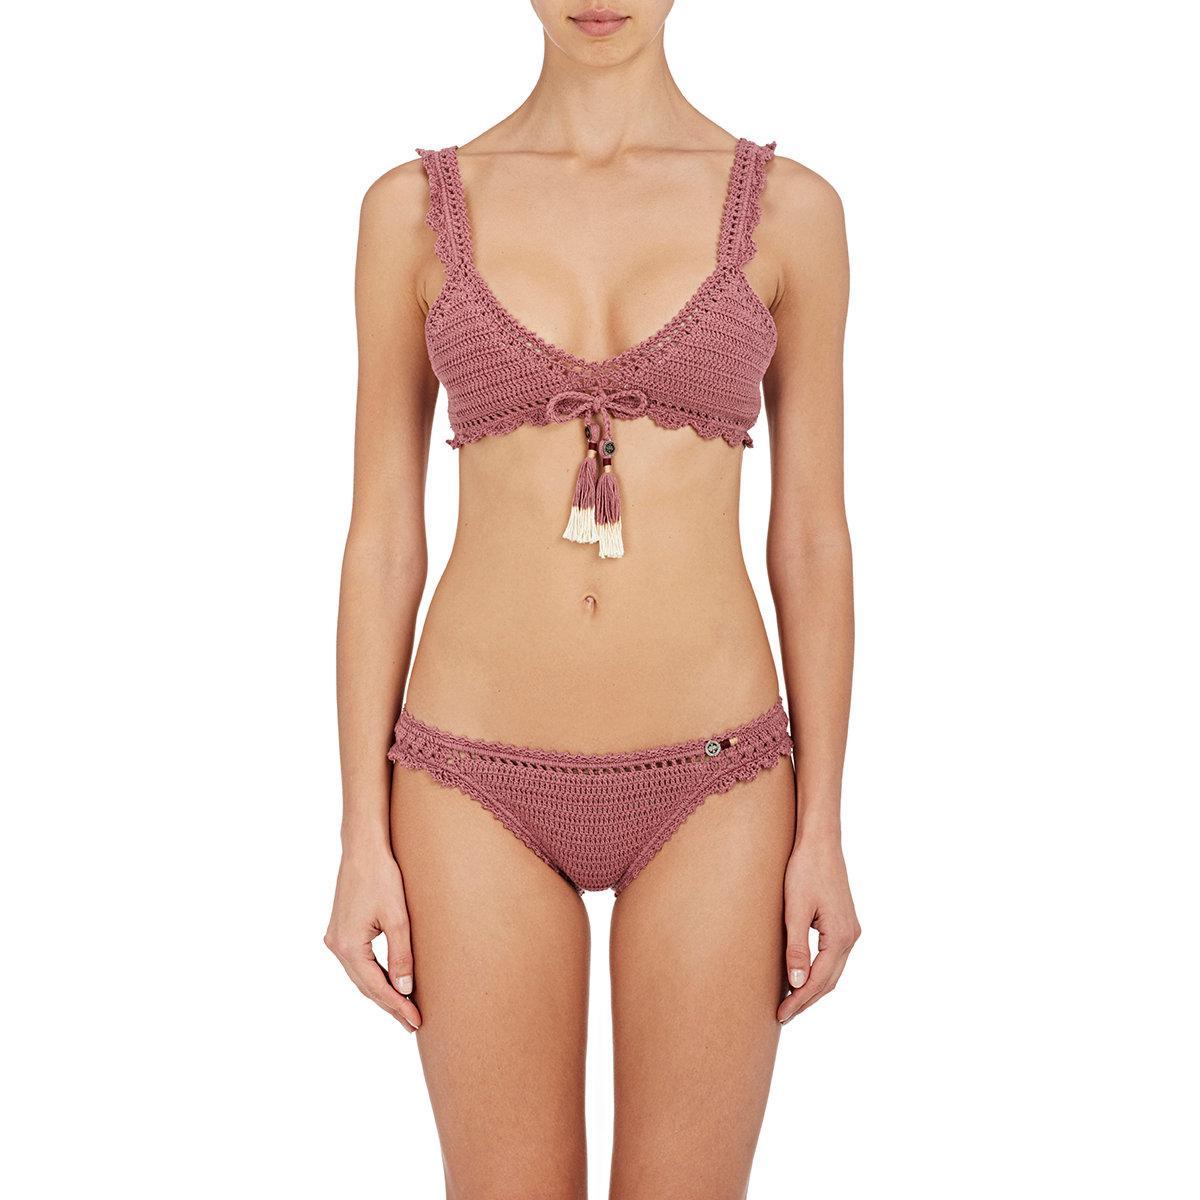 Haut de bikini bandeau en crochet Amira Réduction Édition Limitée La Remise D'expédition Bas Vente Pas Cher Exclusive TaLdbIJmah